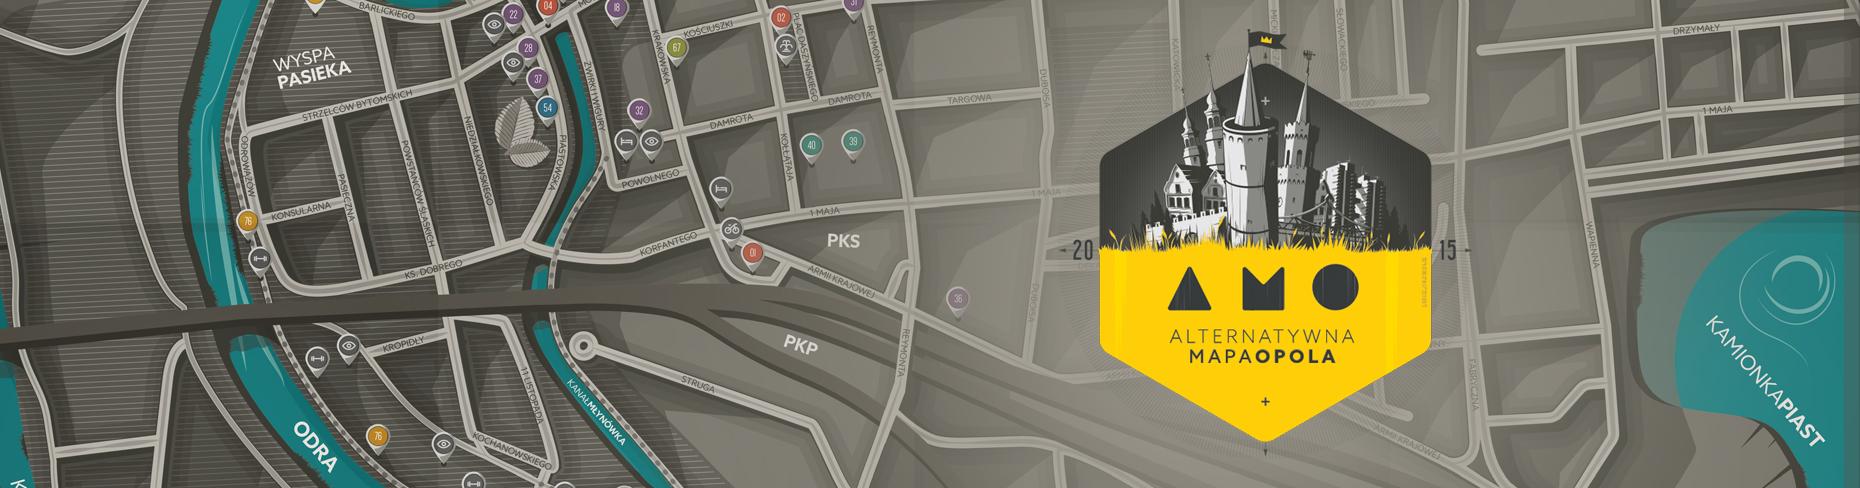 Alternatywna Mapa Opola dla Ciebie